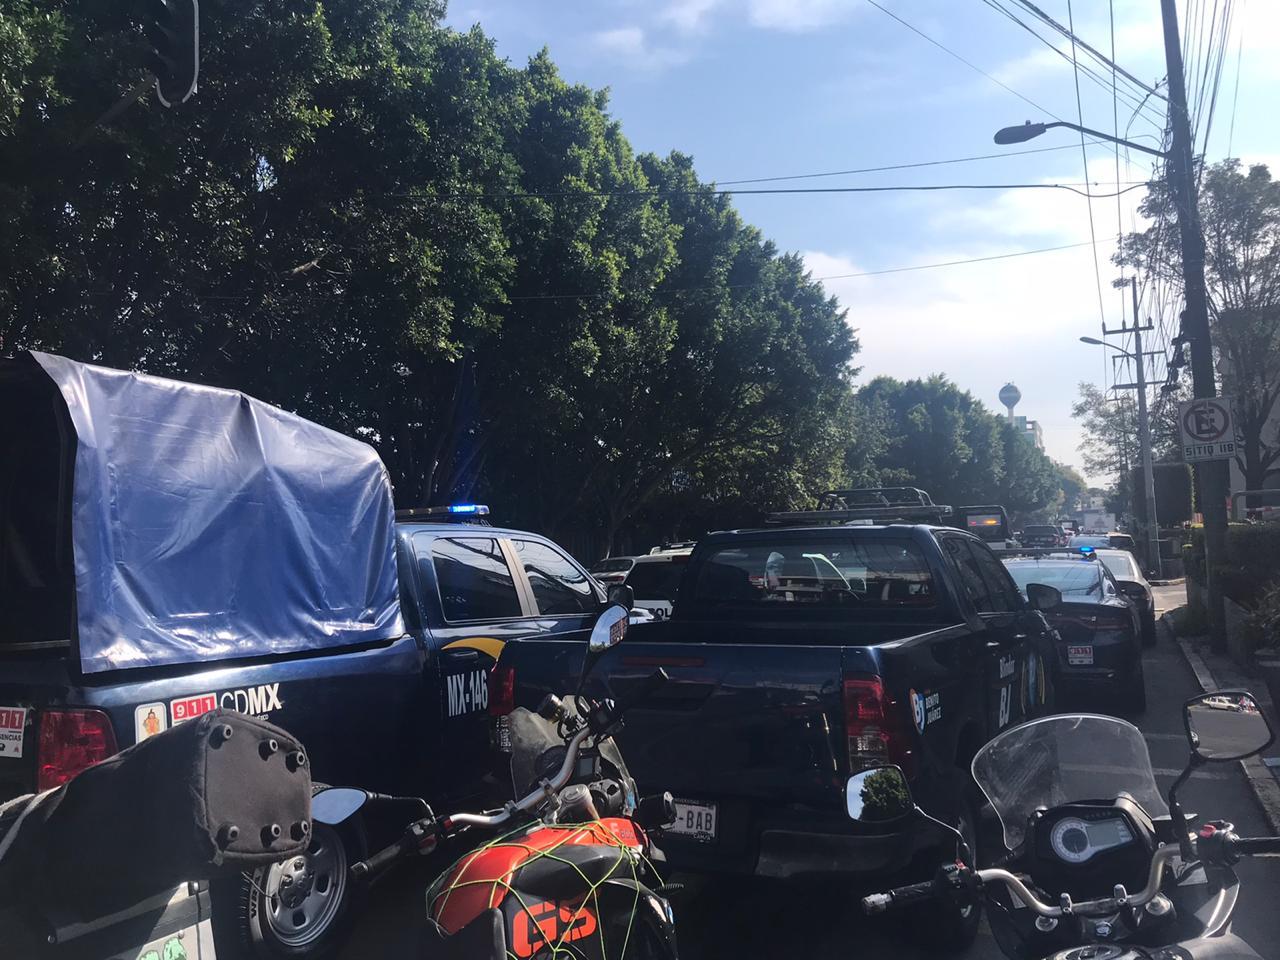 FOTO Balean a empleado de plaza comercial cuando recolectaba dinero del estacionamiento (Noticieros Televisa)